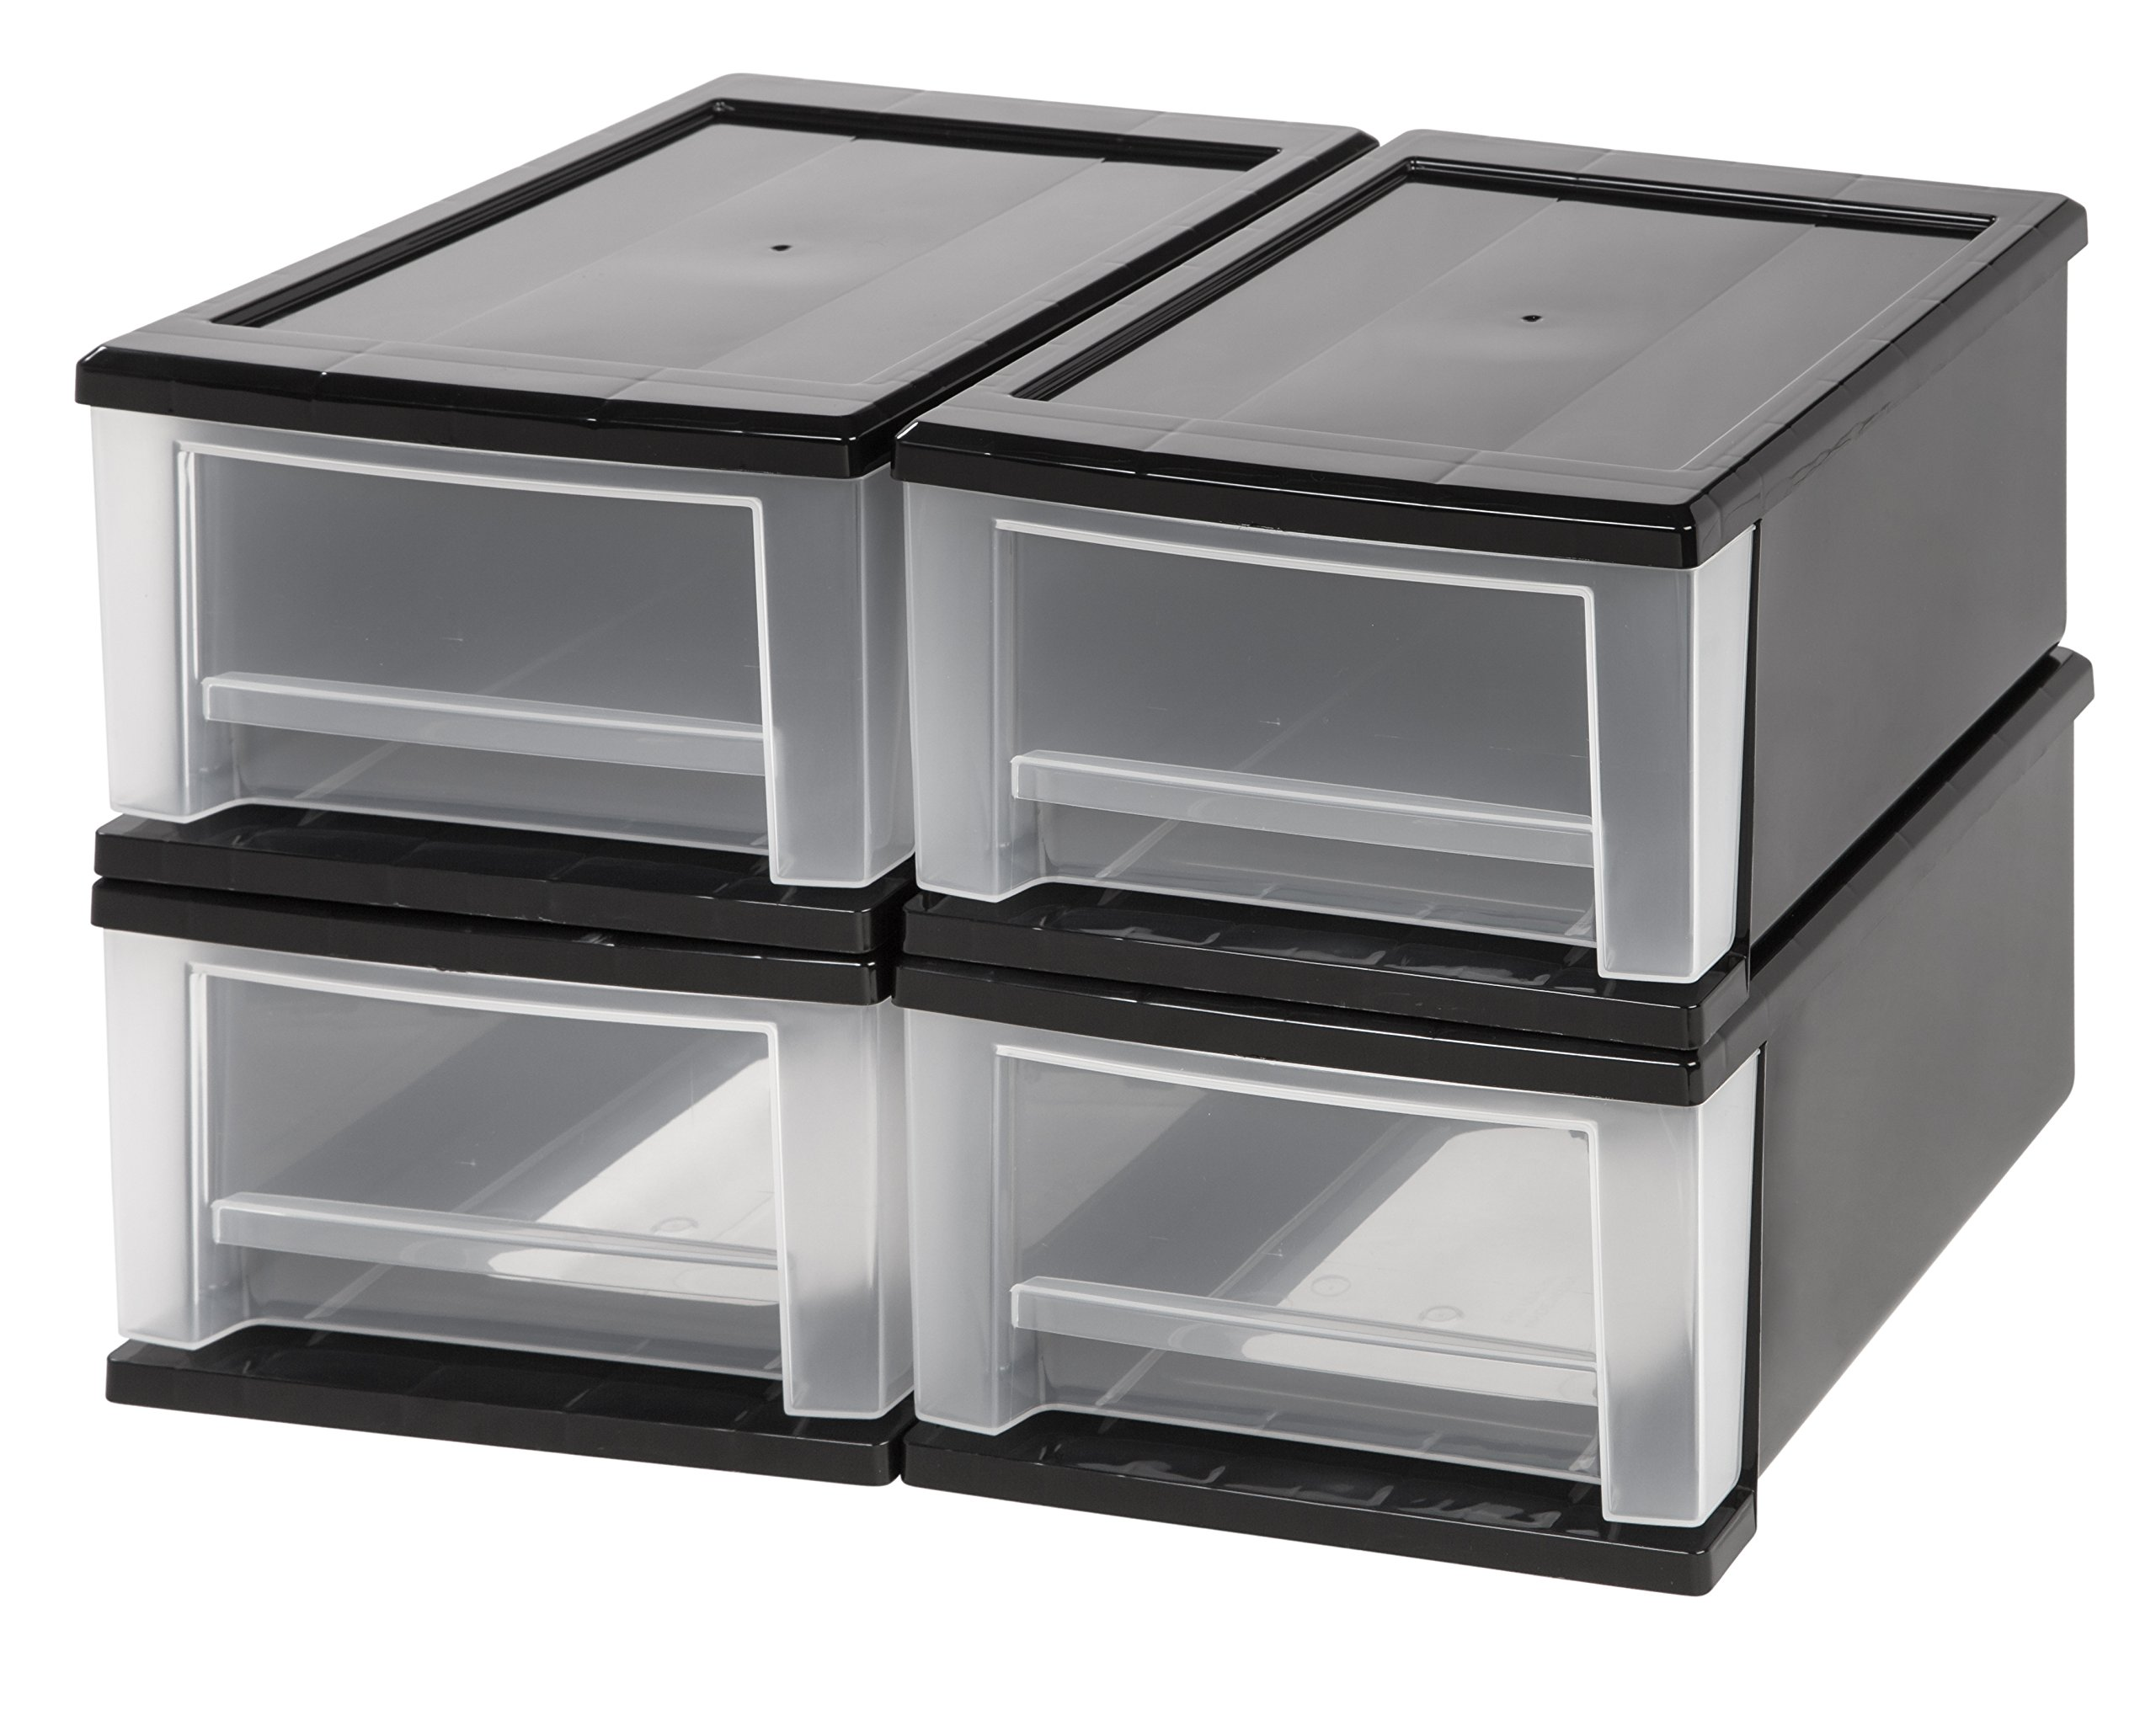 IRIS 7 Quart Stacking Drawer, 4 Pack, Black by IRIS USA, Inc.